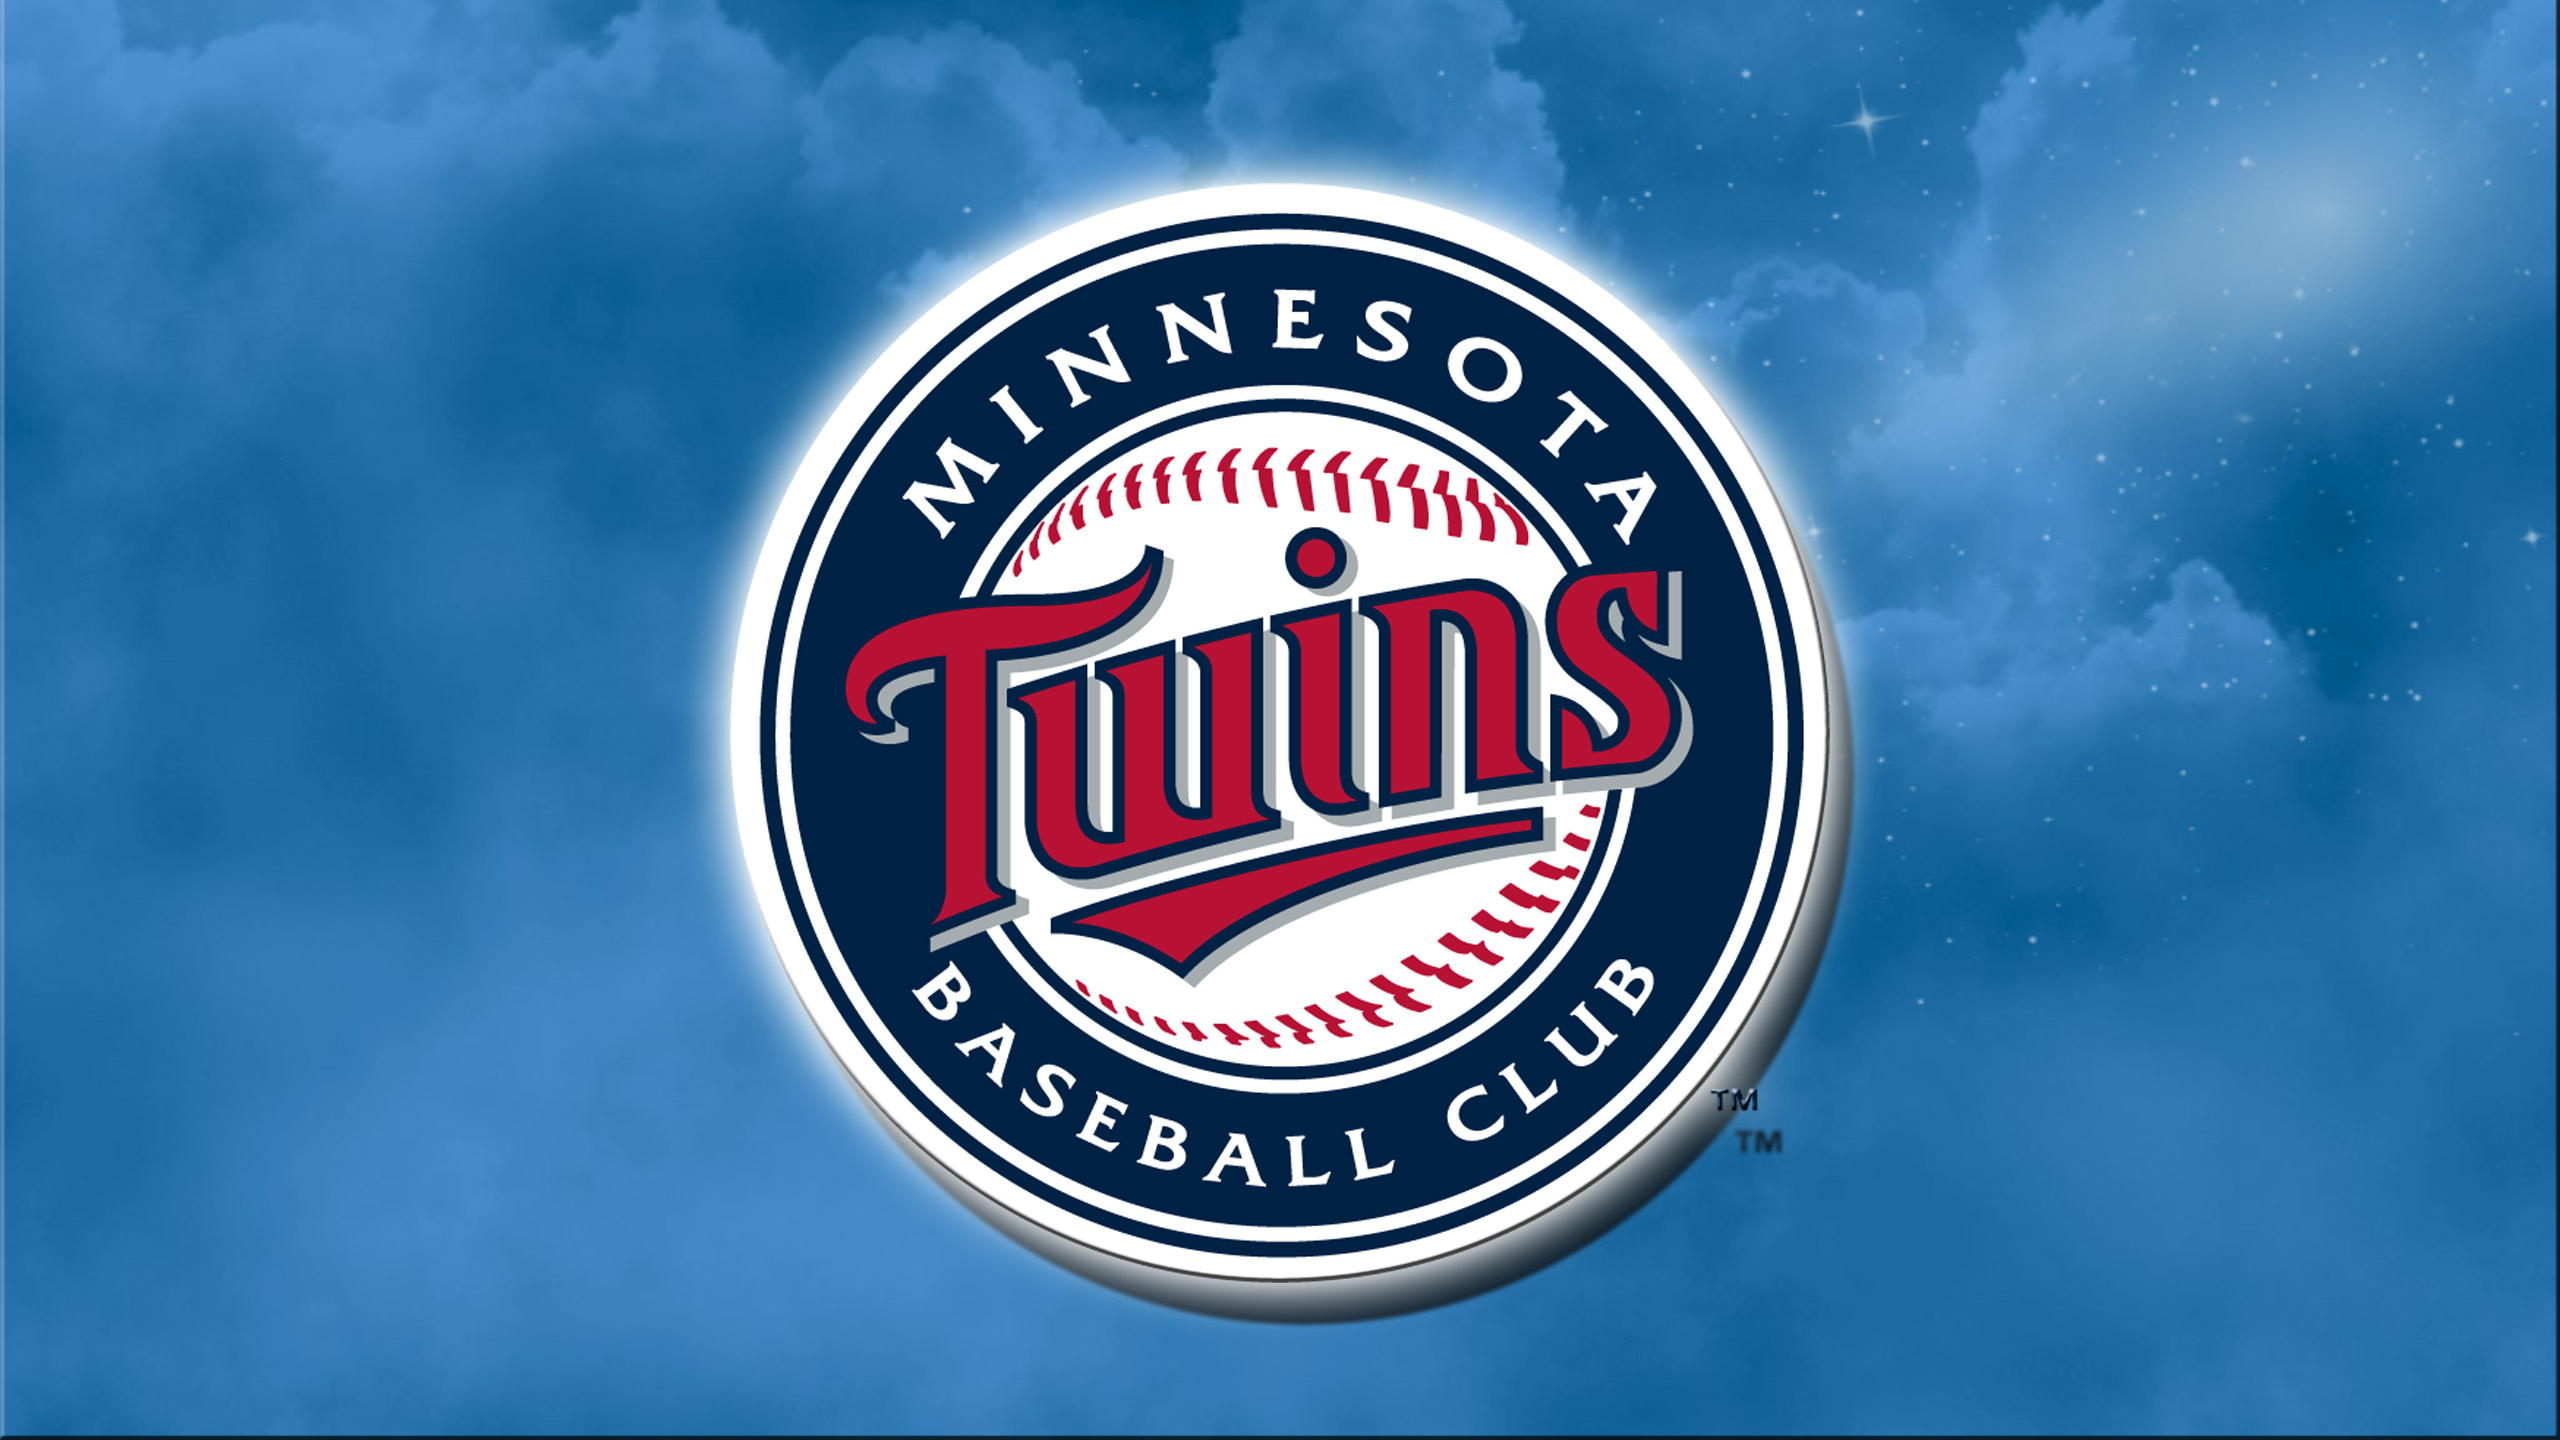 Minnesota Twins Wallpaper 6861990 2560x1440